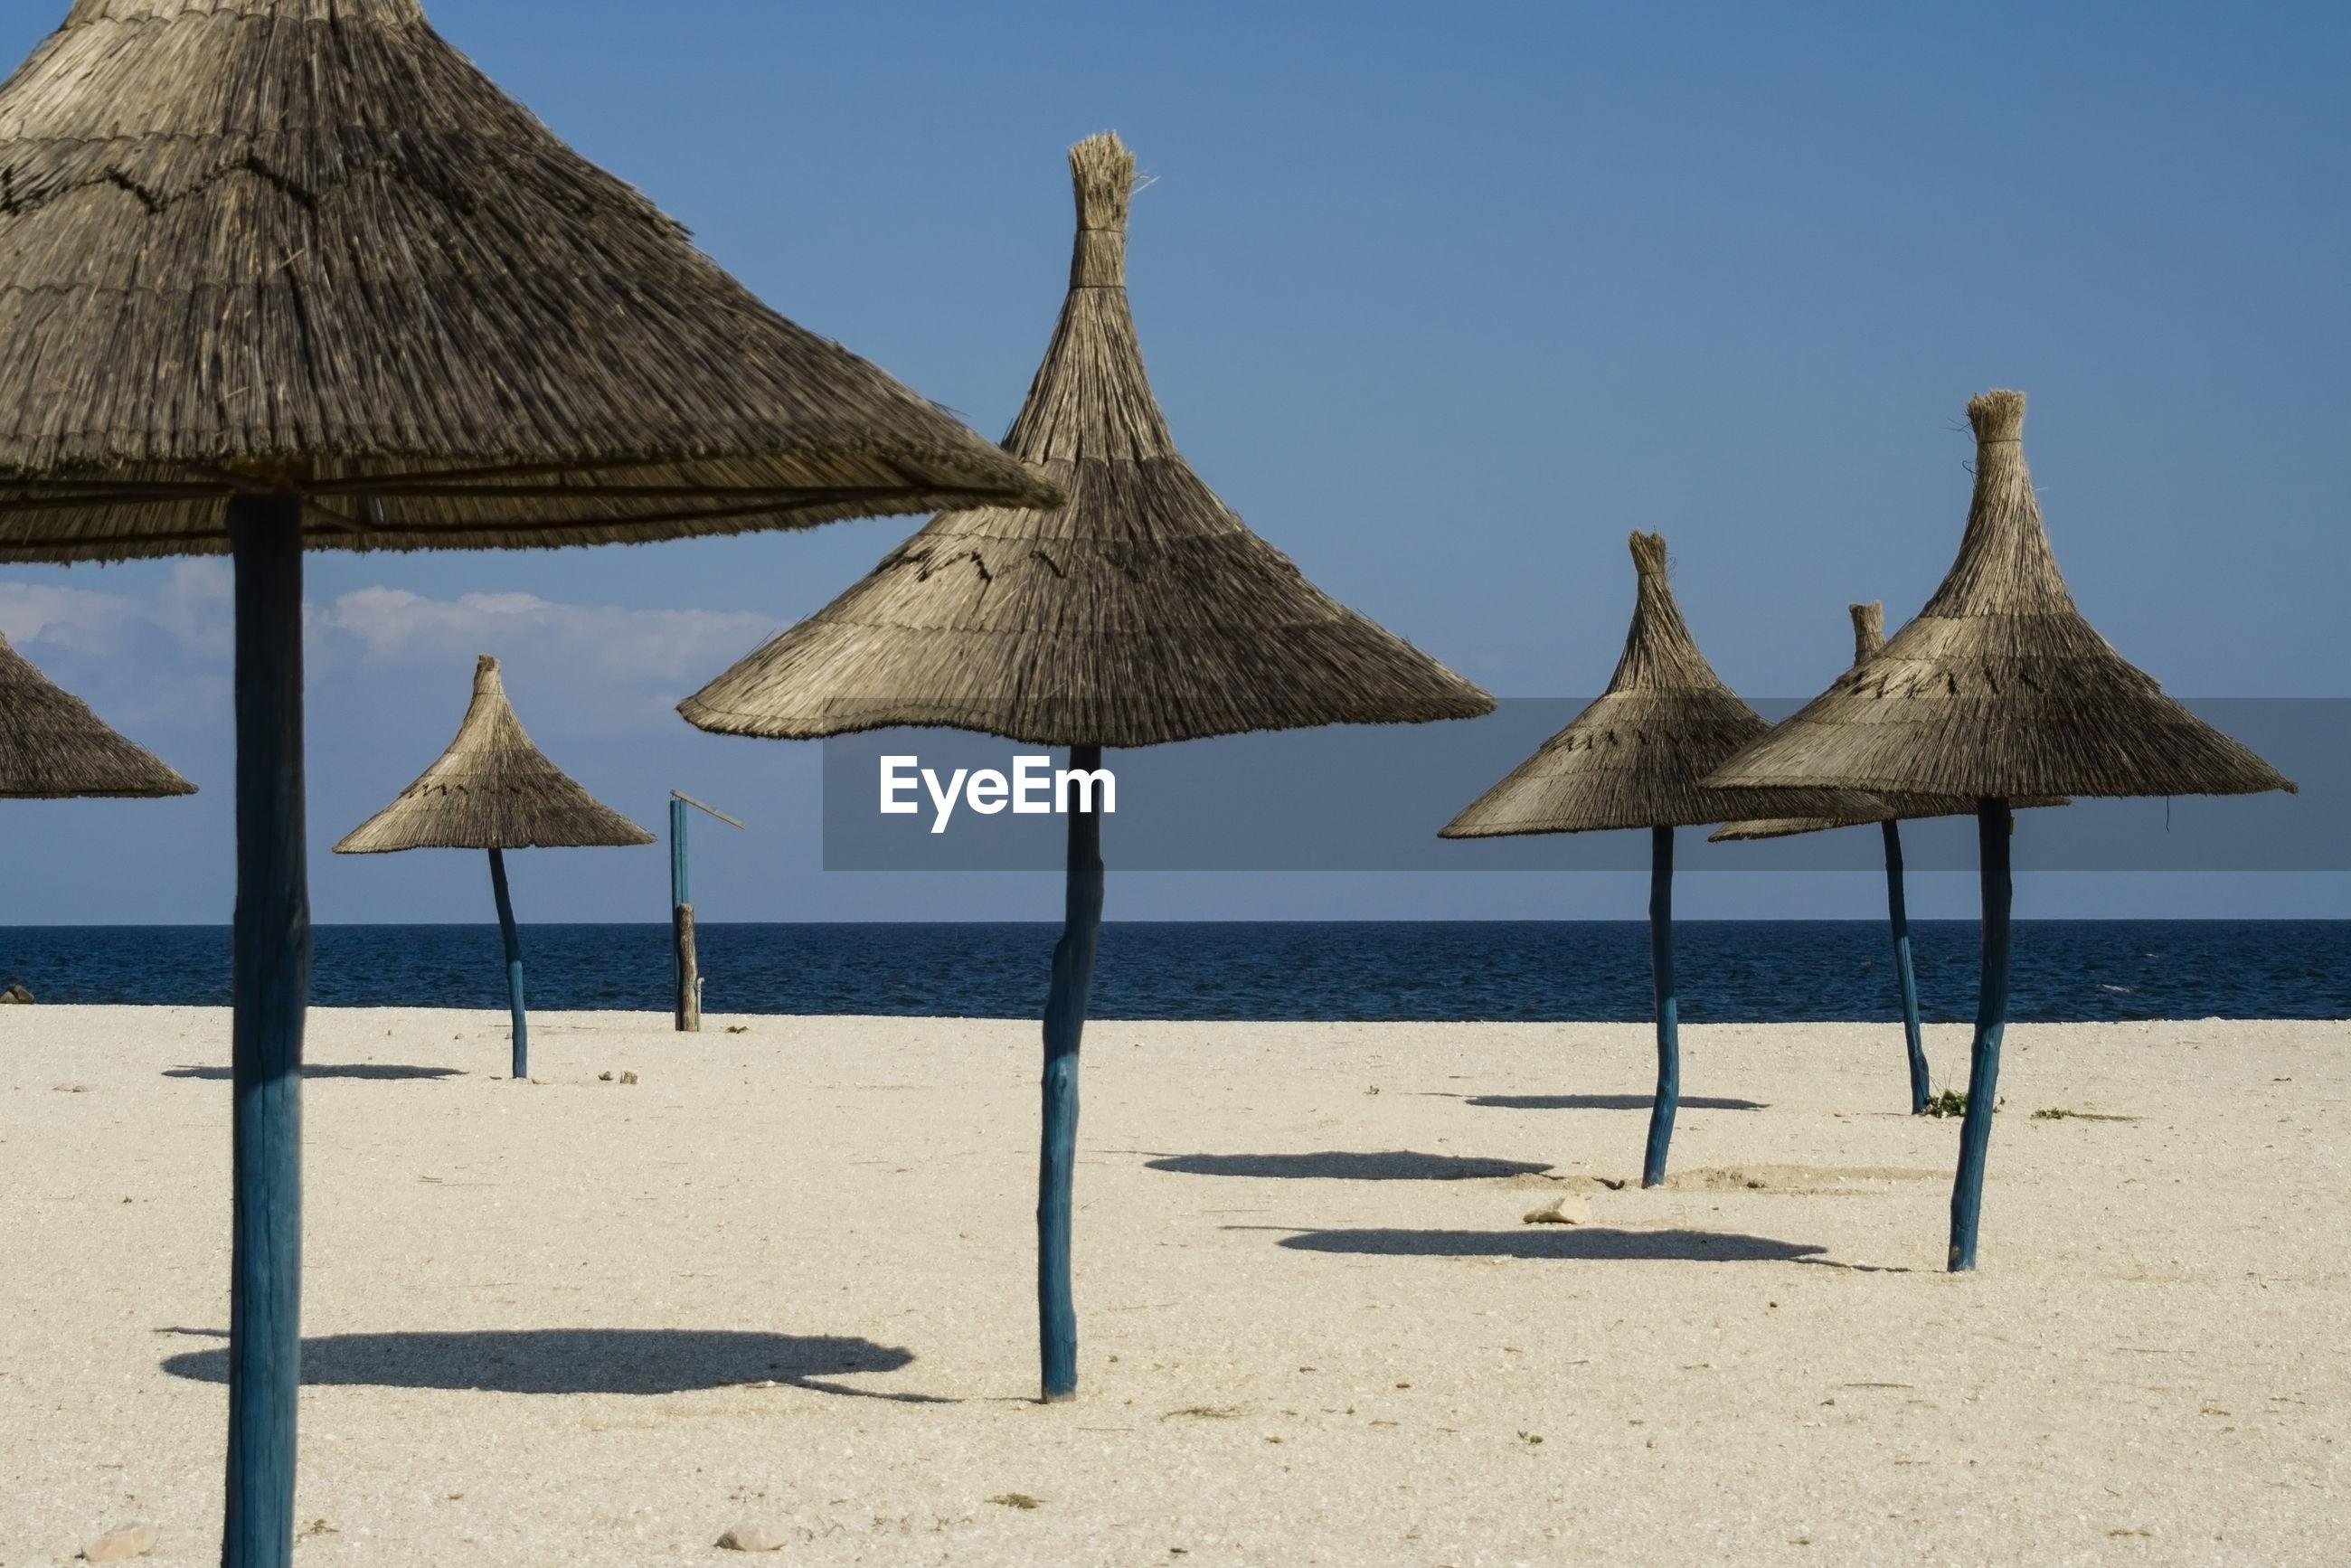 UMBRELLAS ON BEACH AGAINST CLEAR SKY